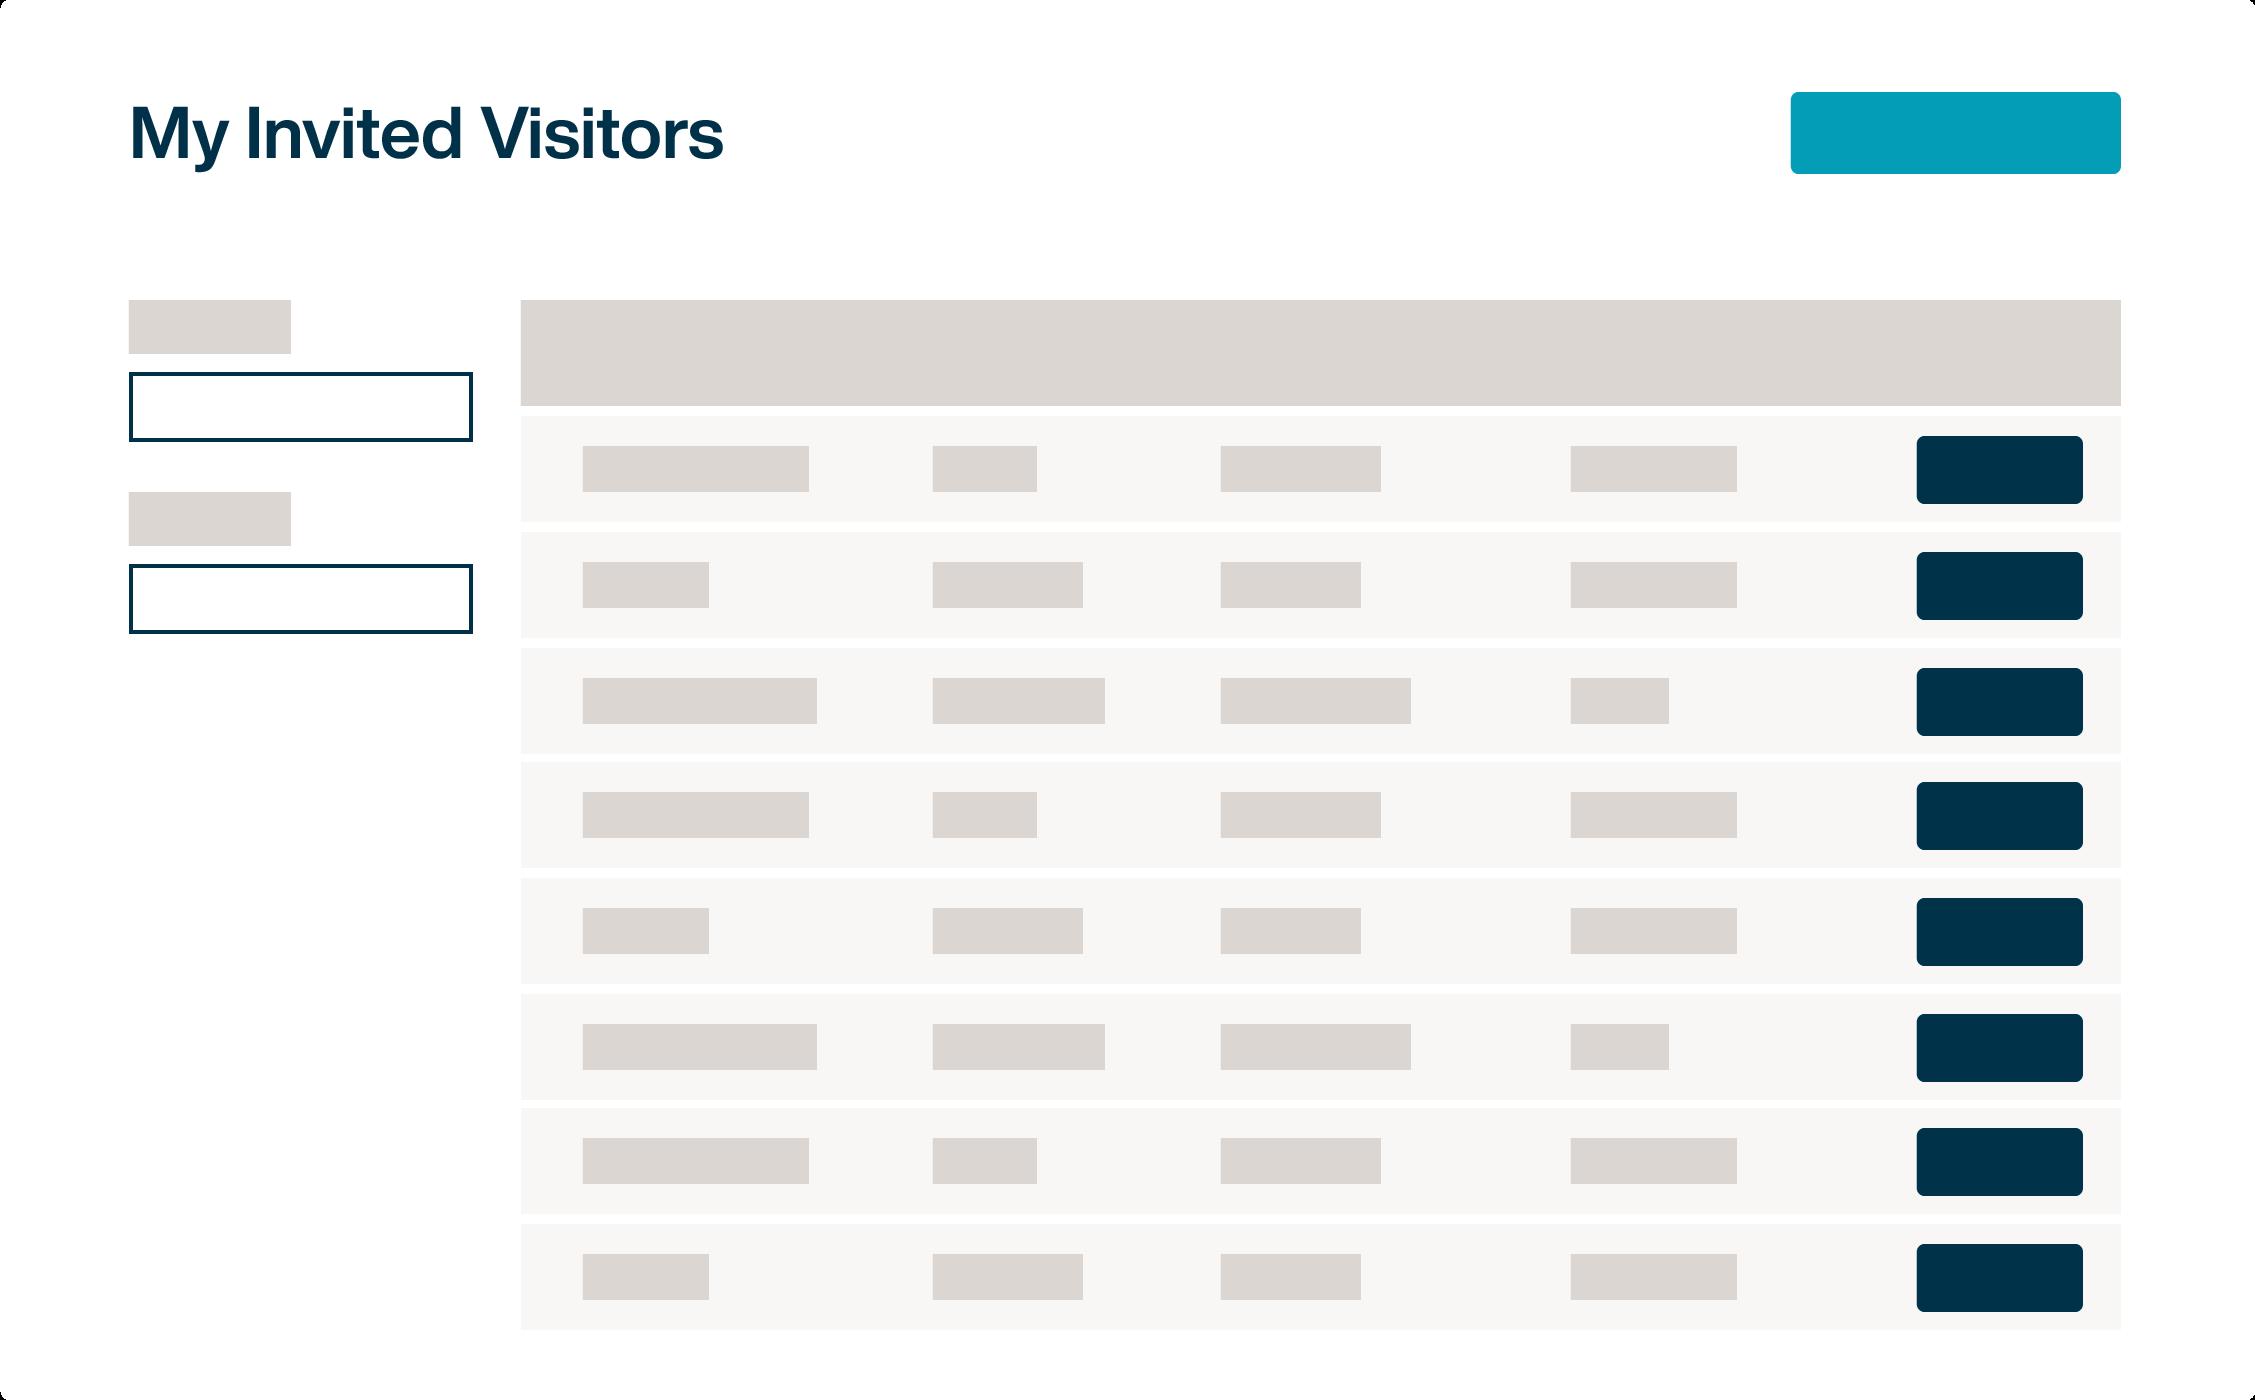 Visitor Management Dashboard